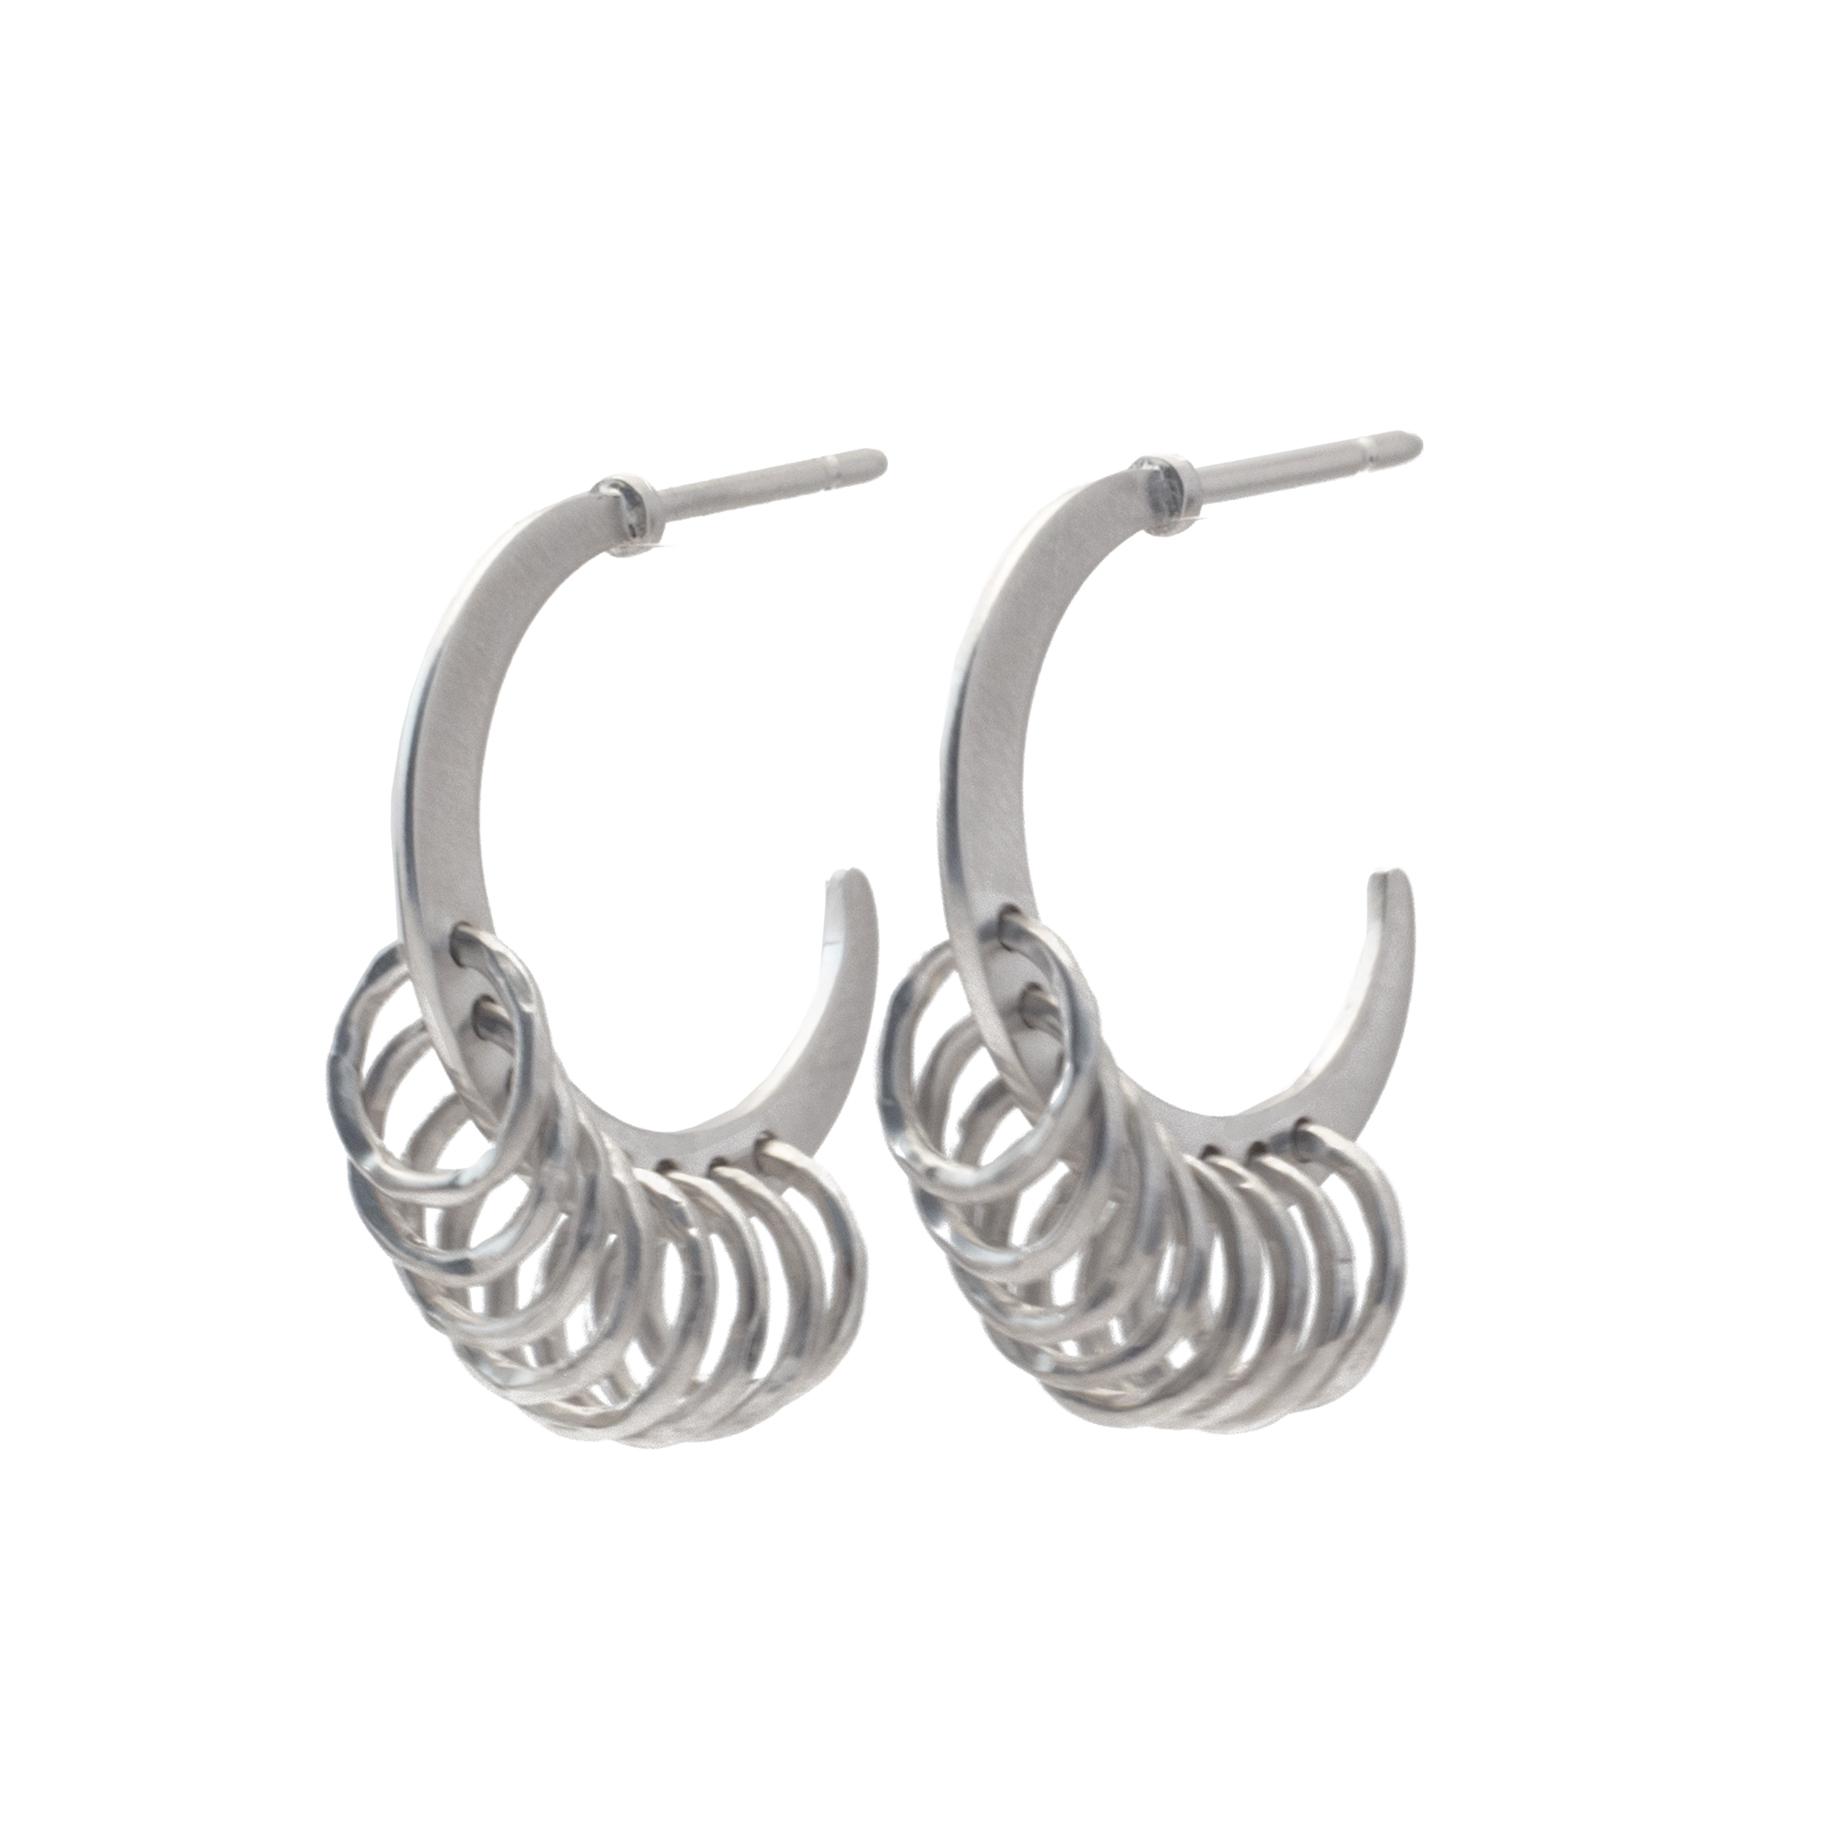 130104-925 mistral hoop earrings side b